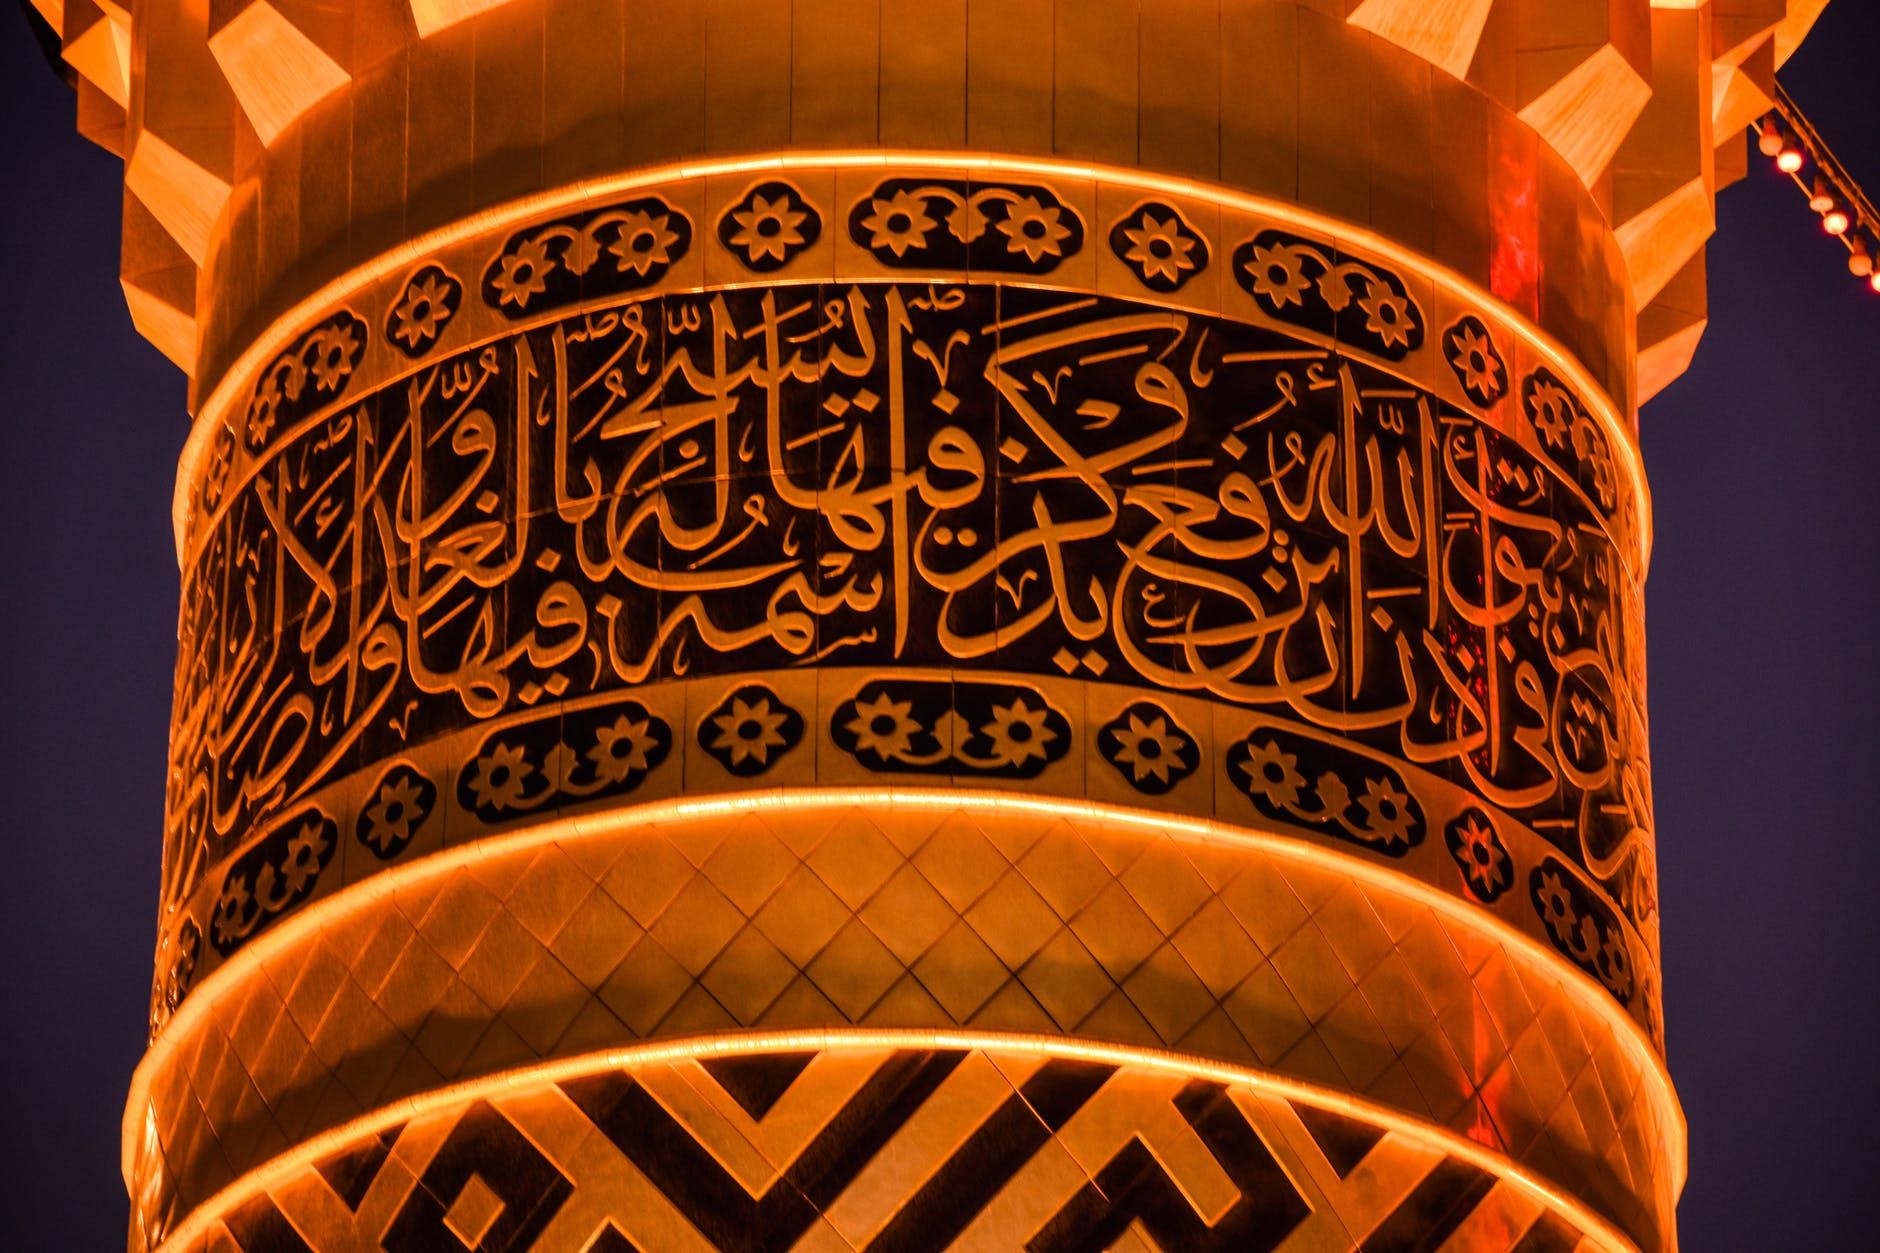 منقبت بحضور حضرت عباس علمدارؑ